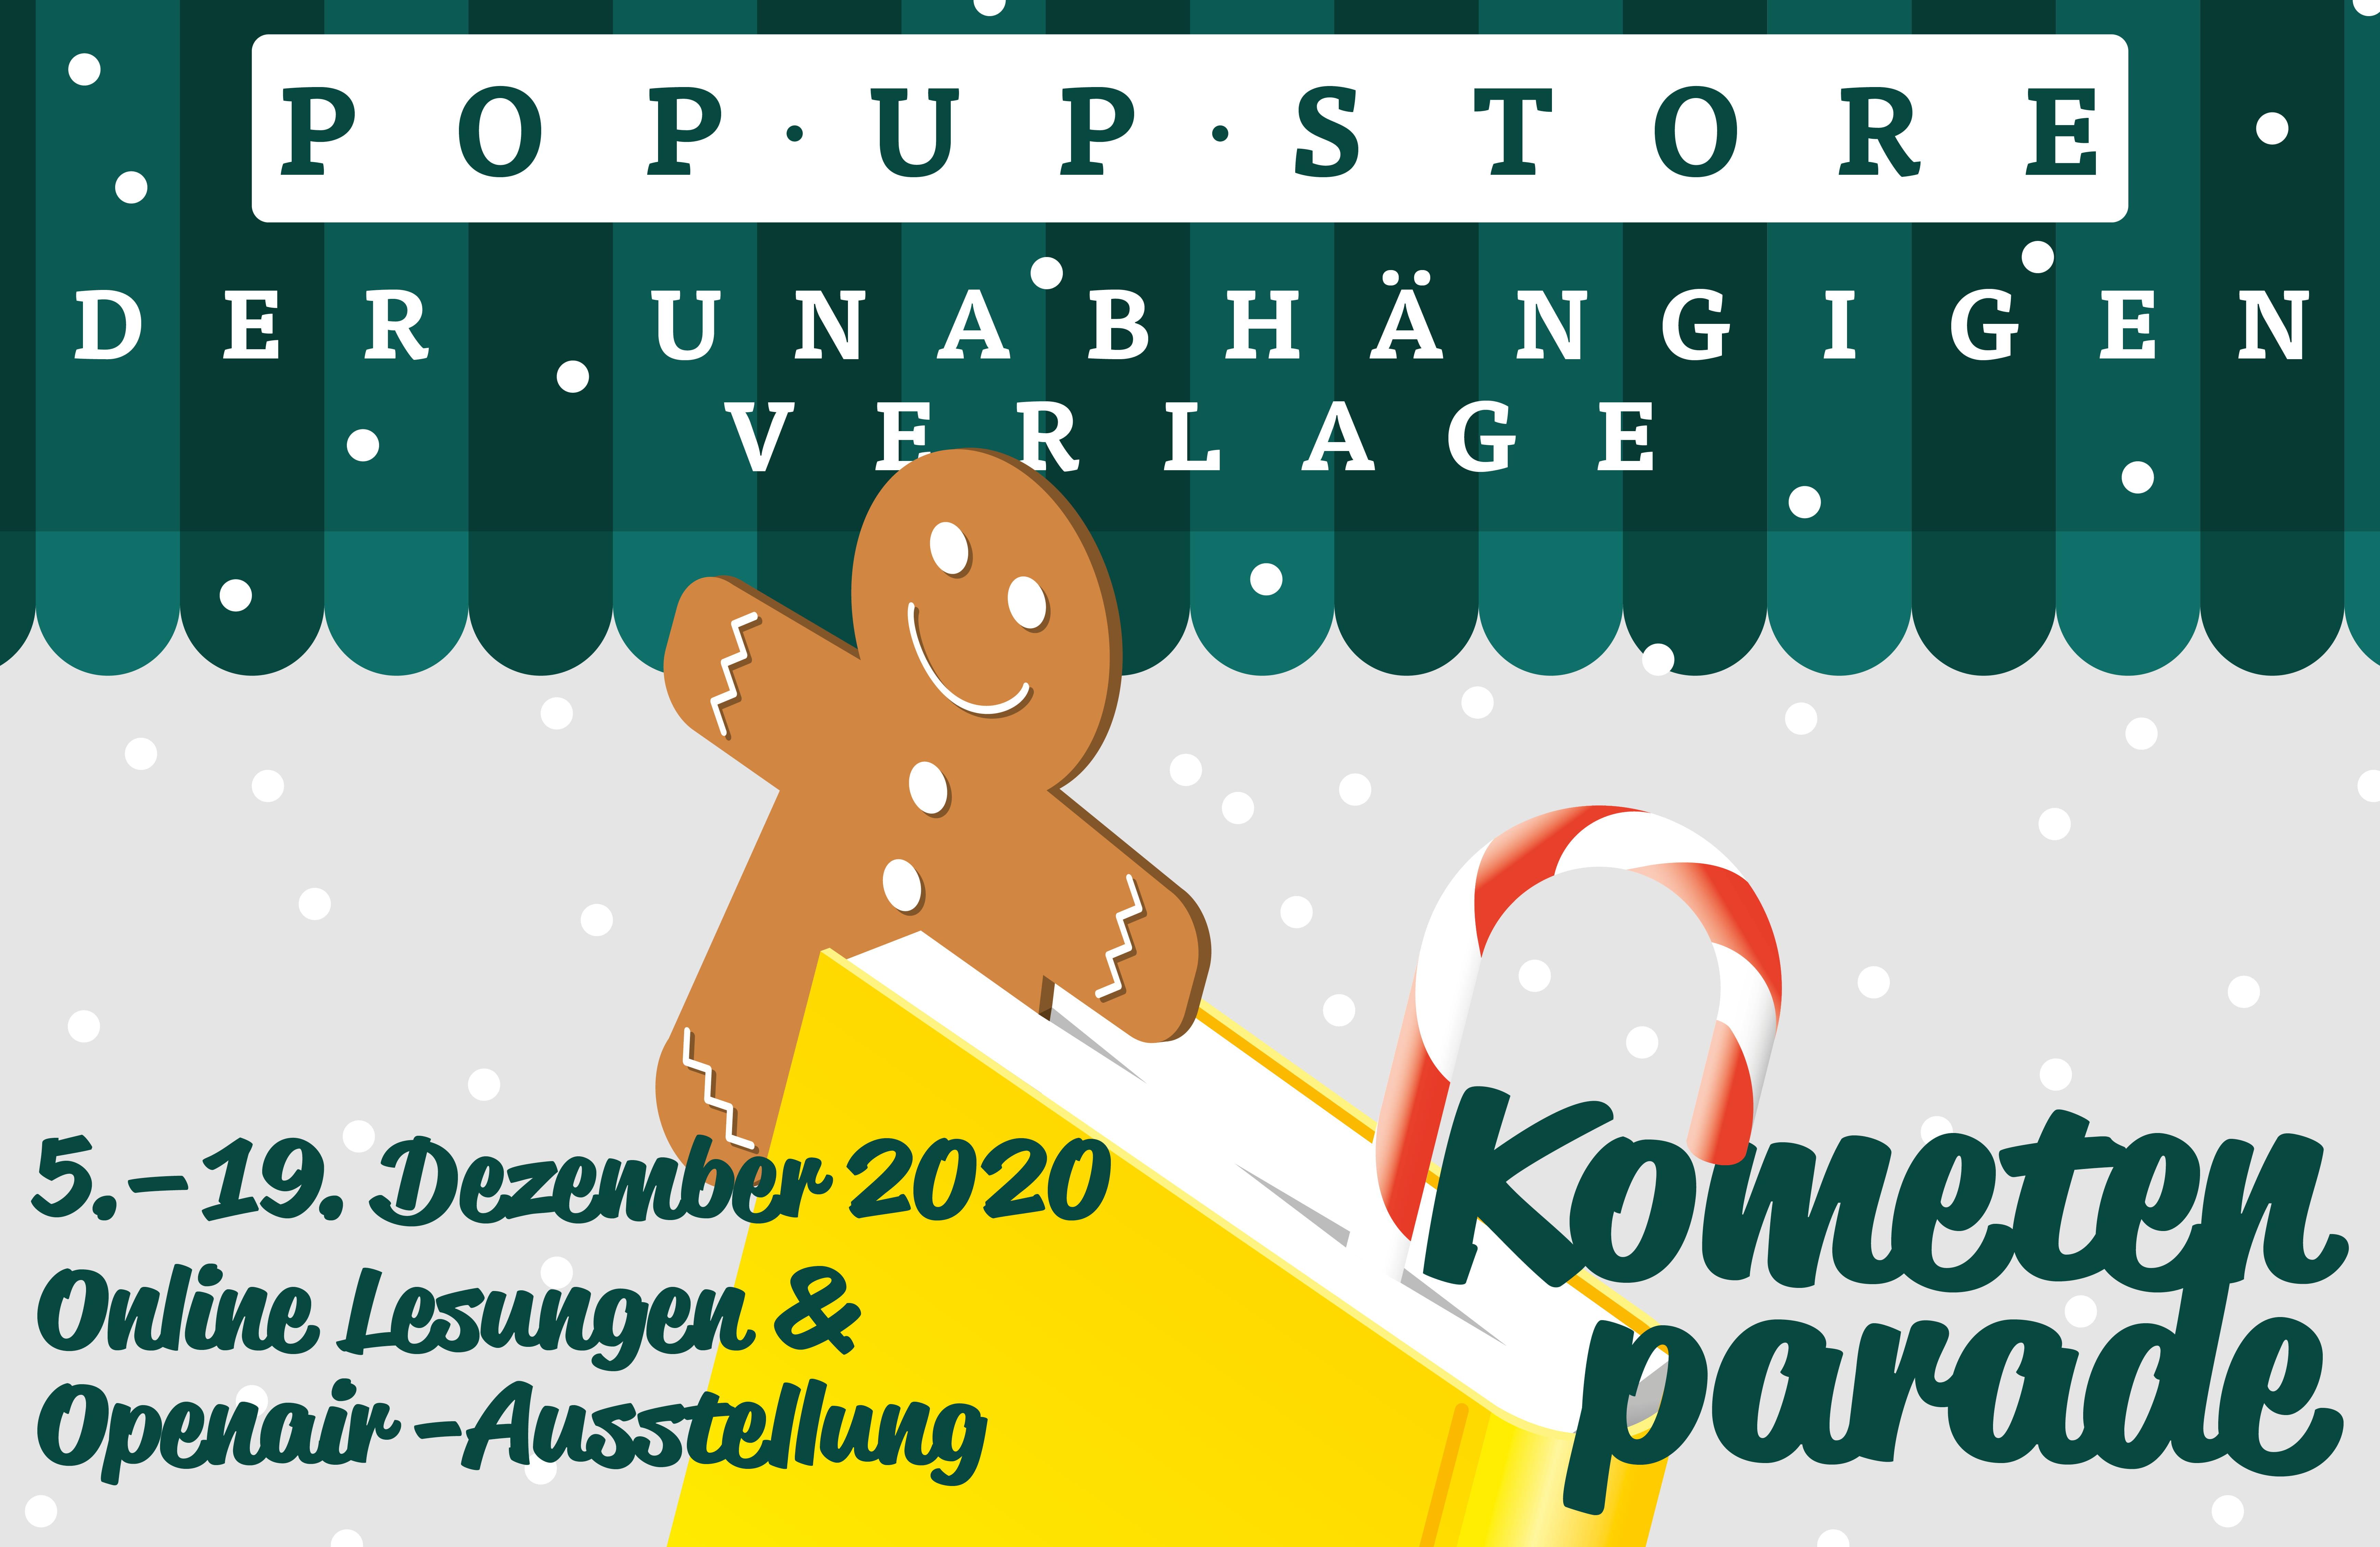 Kometenparade - Wintermarkt der unabhängigen Verlage